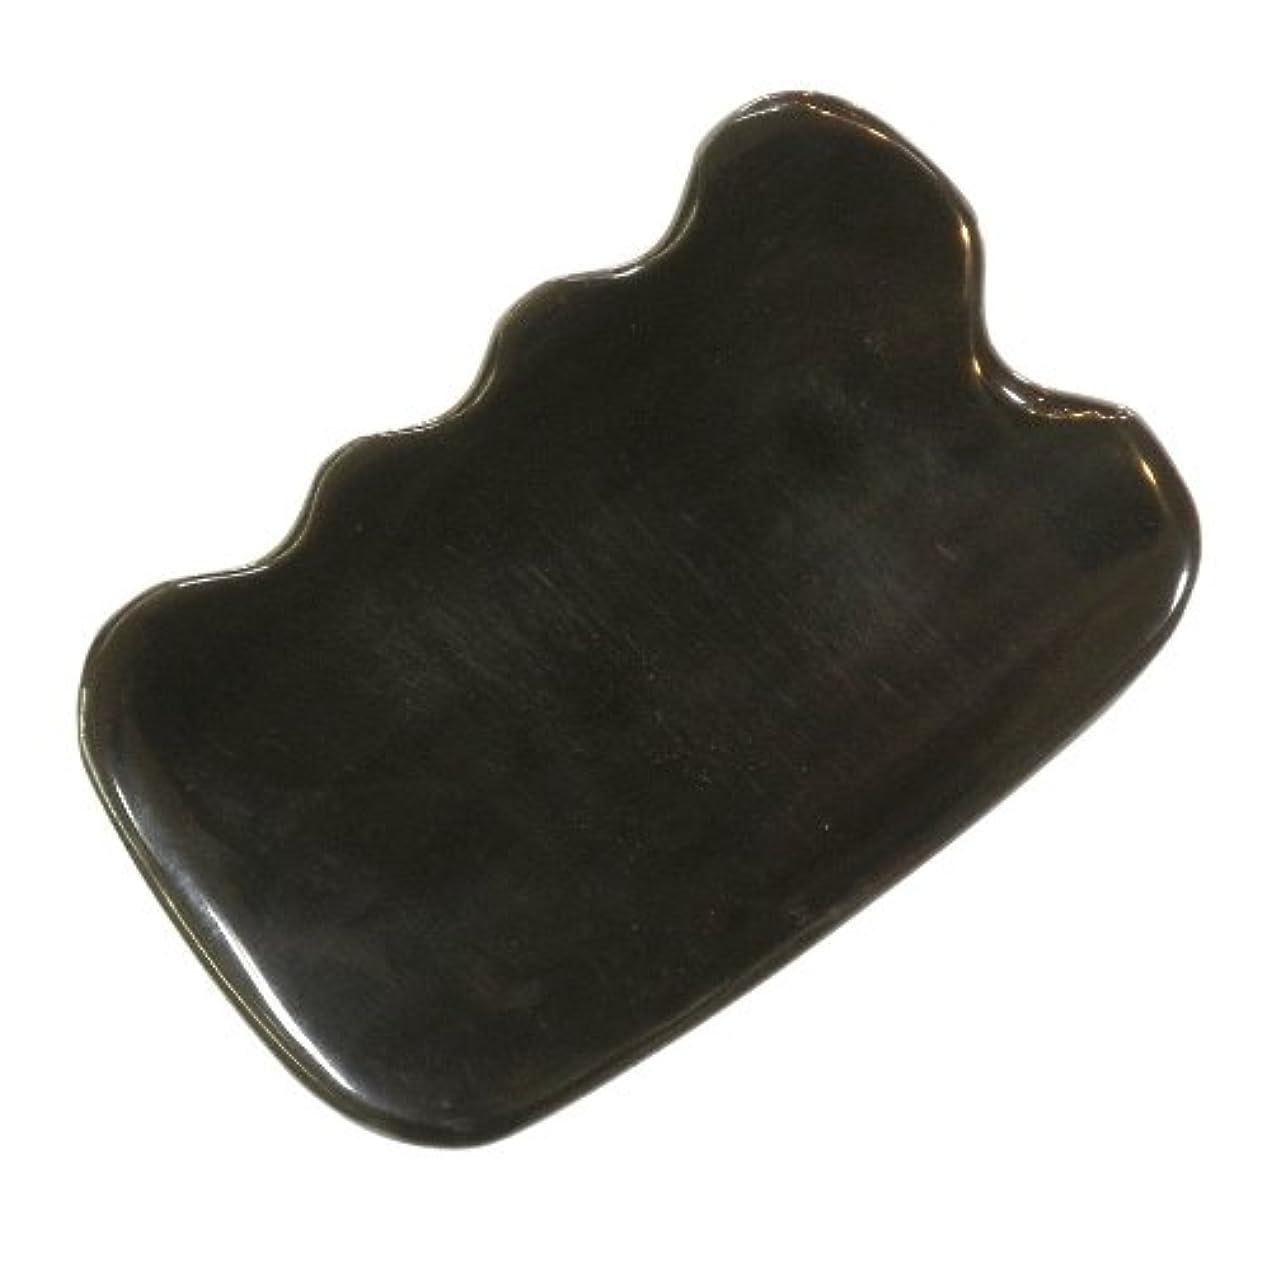 完璧エキサイティングブームかっさ プレート 厚さが選べる ヤクの角(水牛の角) EHE272SP 四角波大 特級品 標準(6ミリ程度)